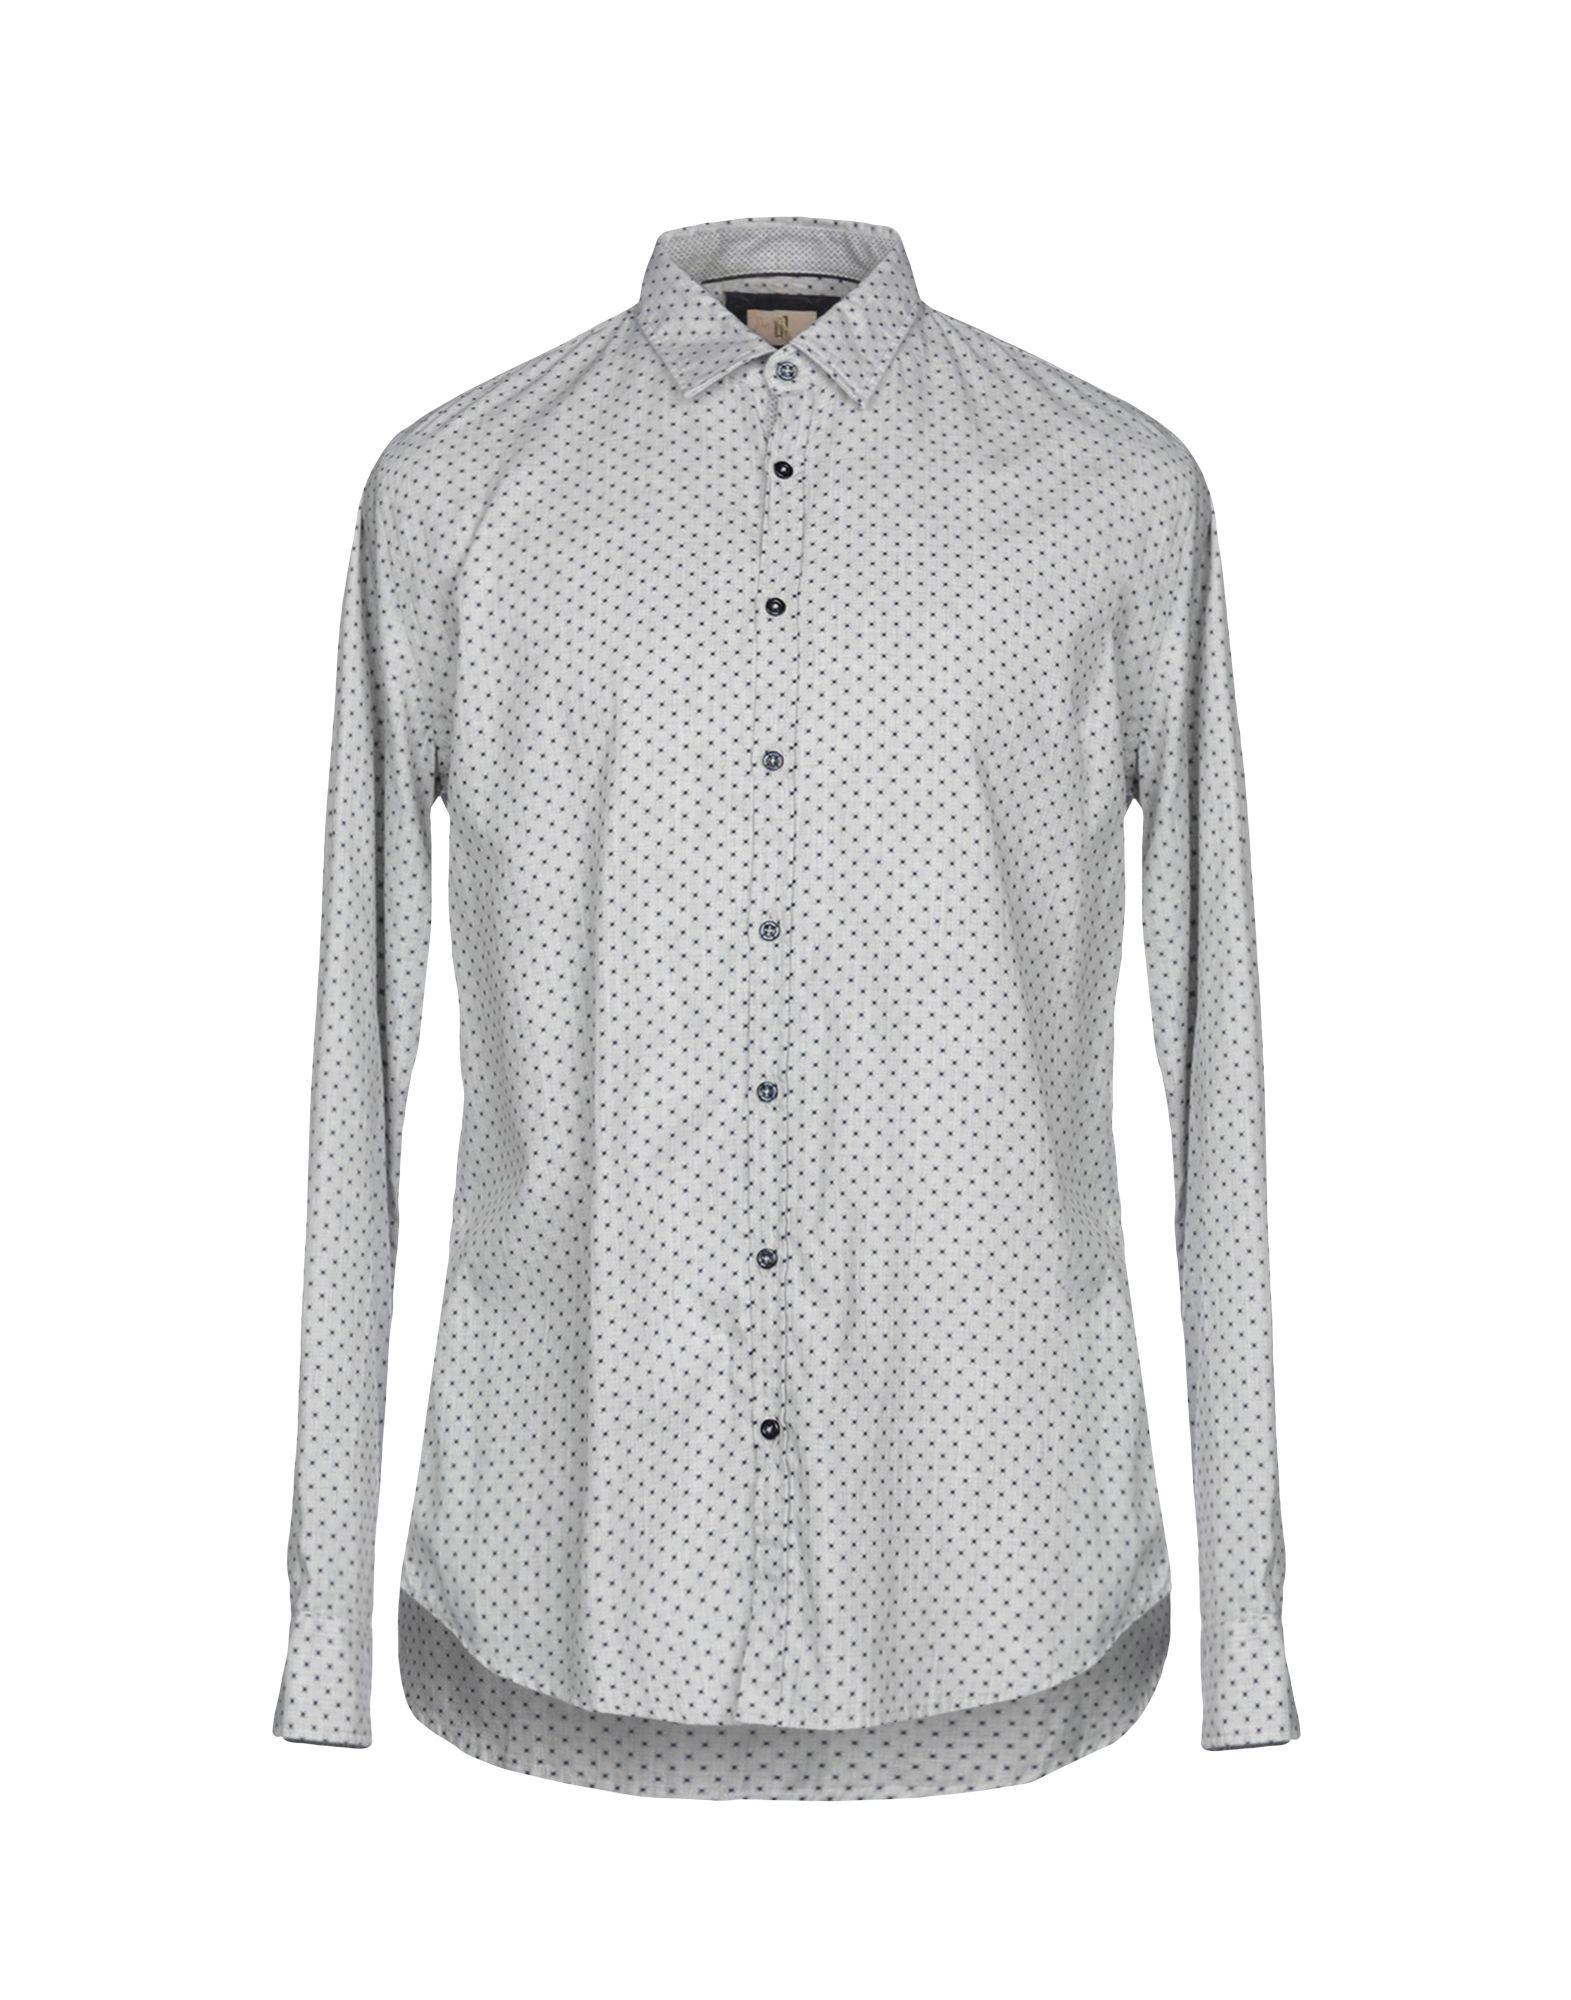 《送料無料》Q1 メンズ シャツ ライトグレー XL コットン 100%